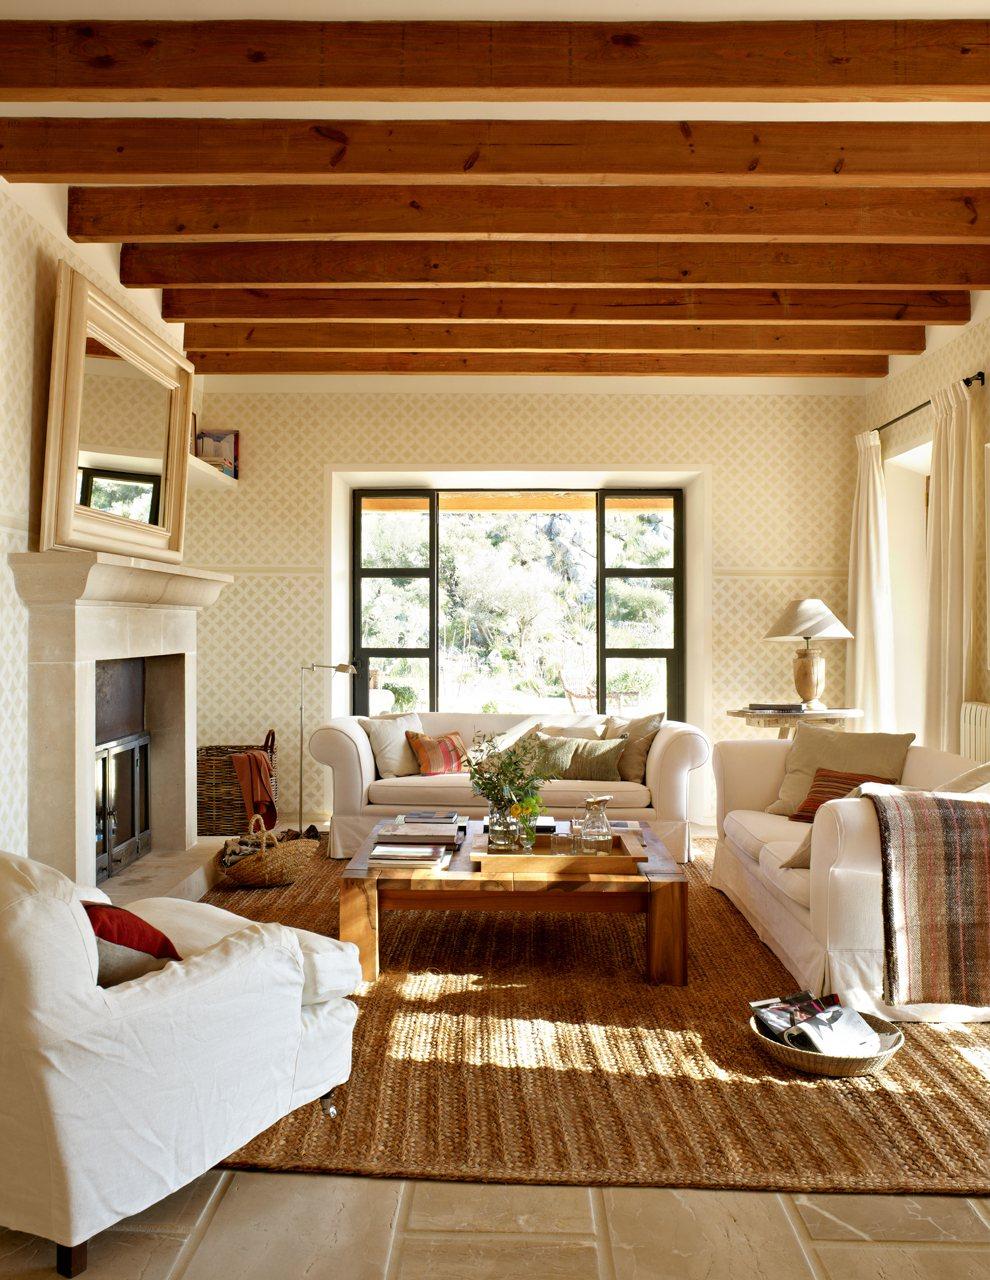 Casa r stica con paredes de piedra y porche con techo de madera - Cojines gigantes para el suelo ...